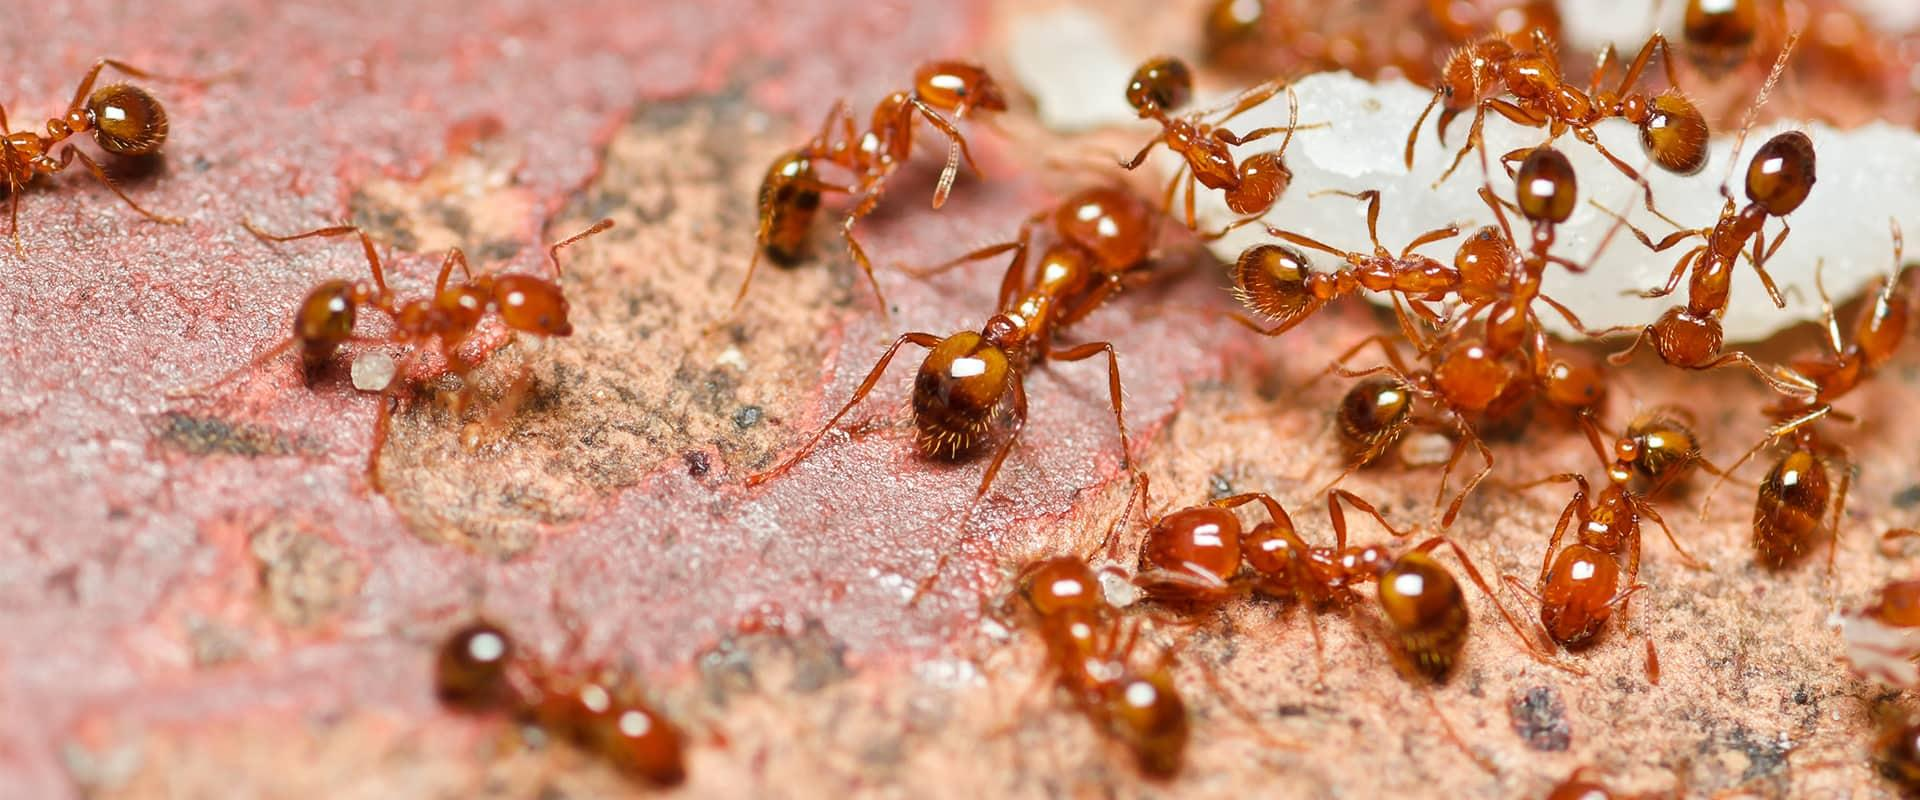 red fire ants outside keller tx home